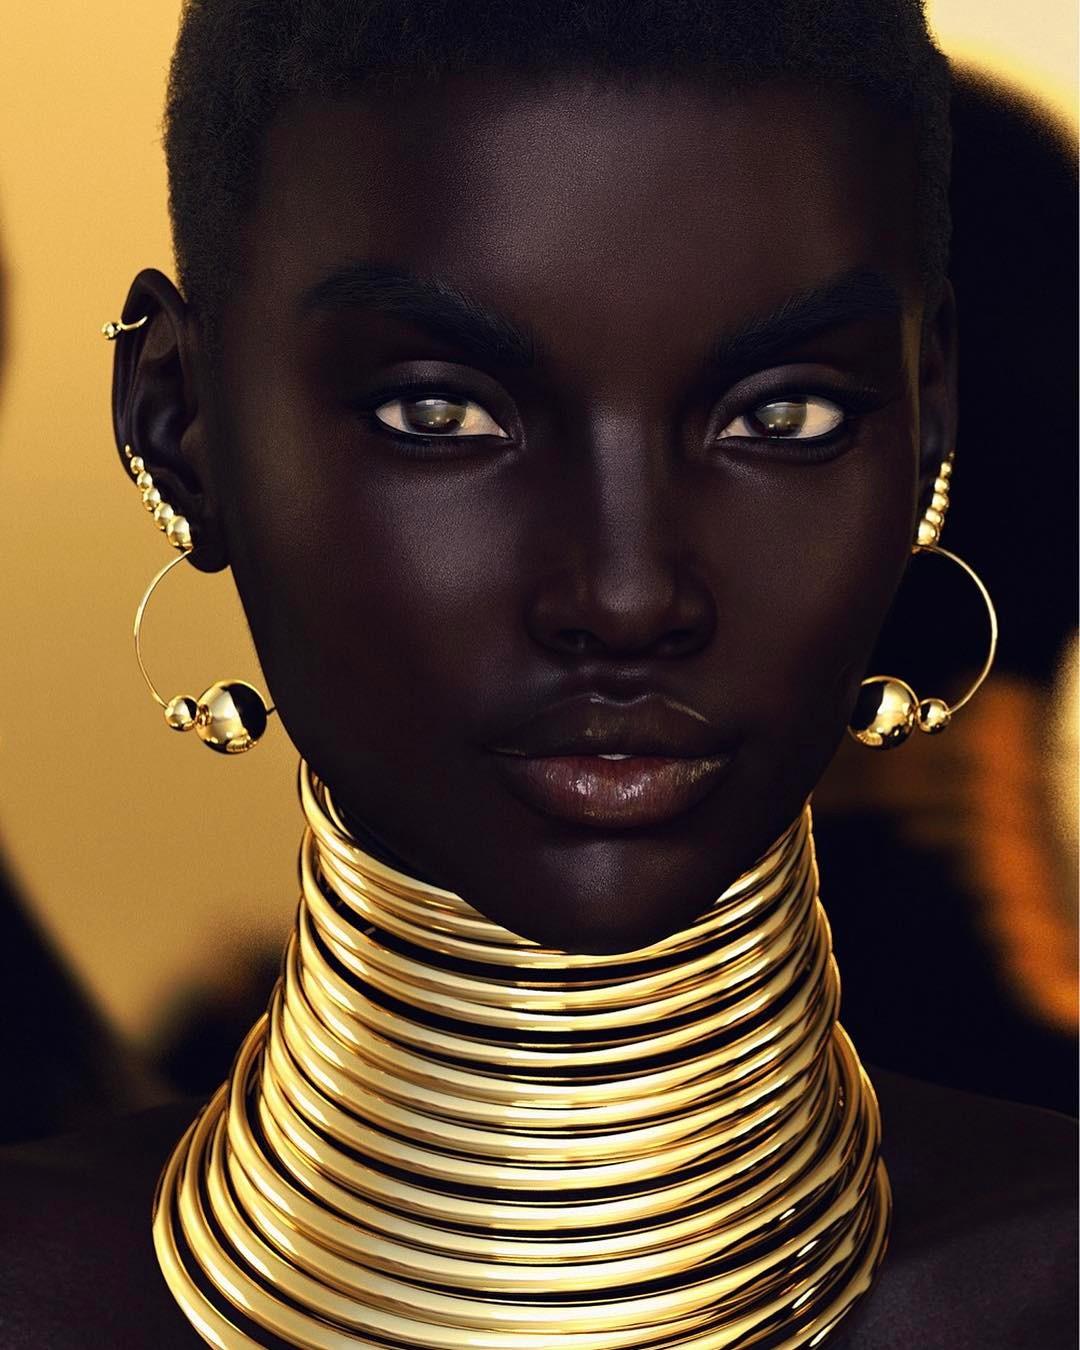 Người mẫu ảo, xu hướng quảng cáo mới của ngành thời trang?